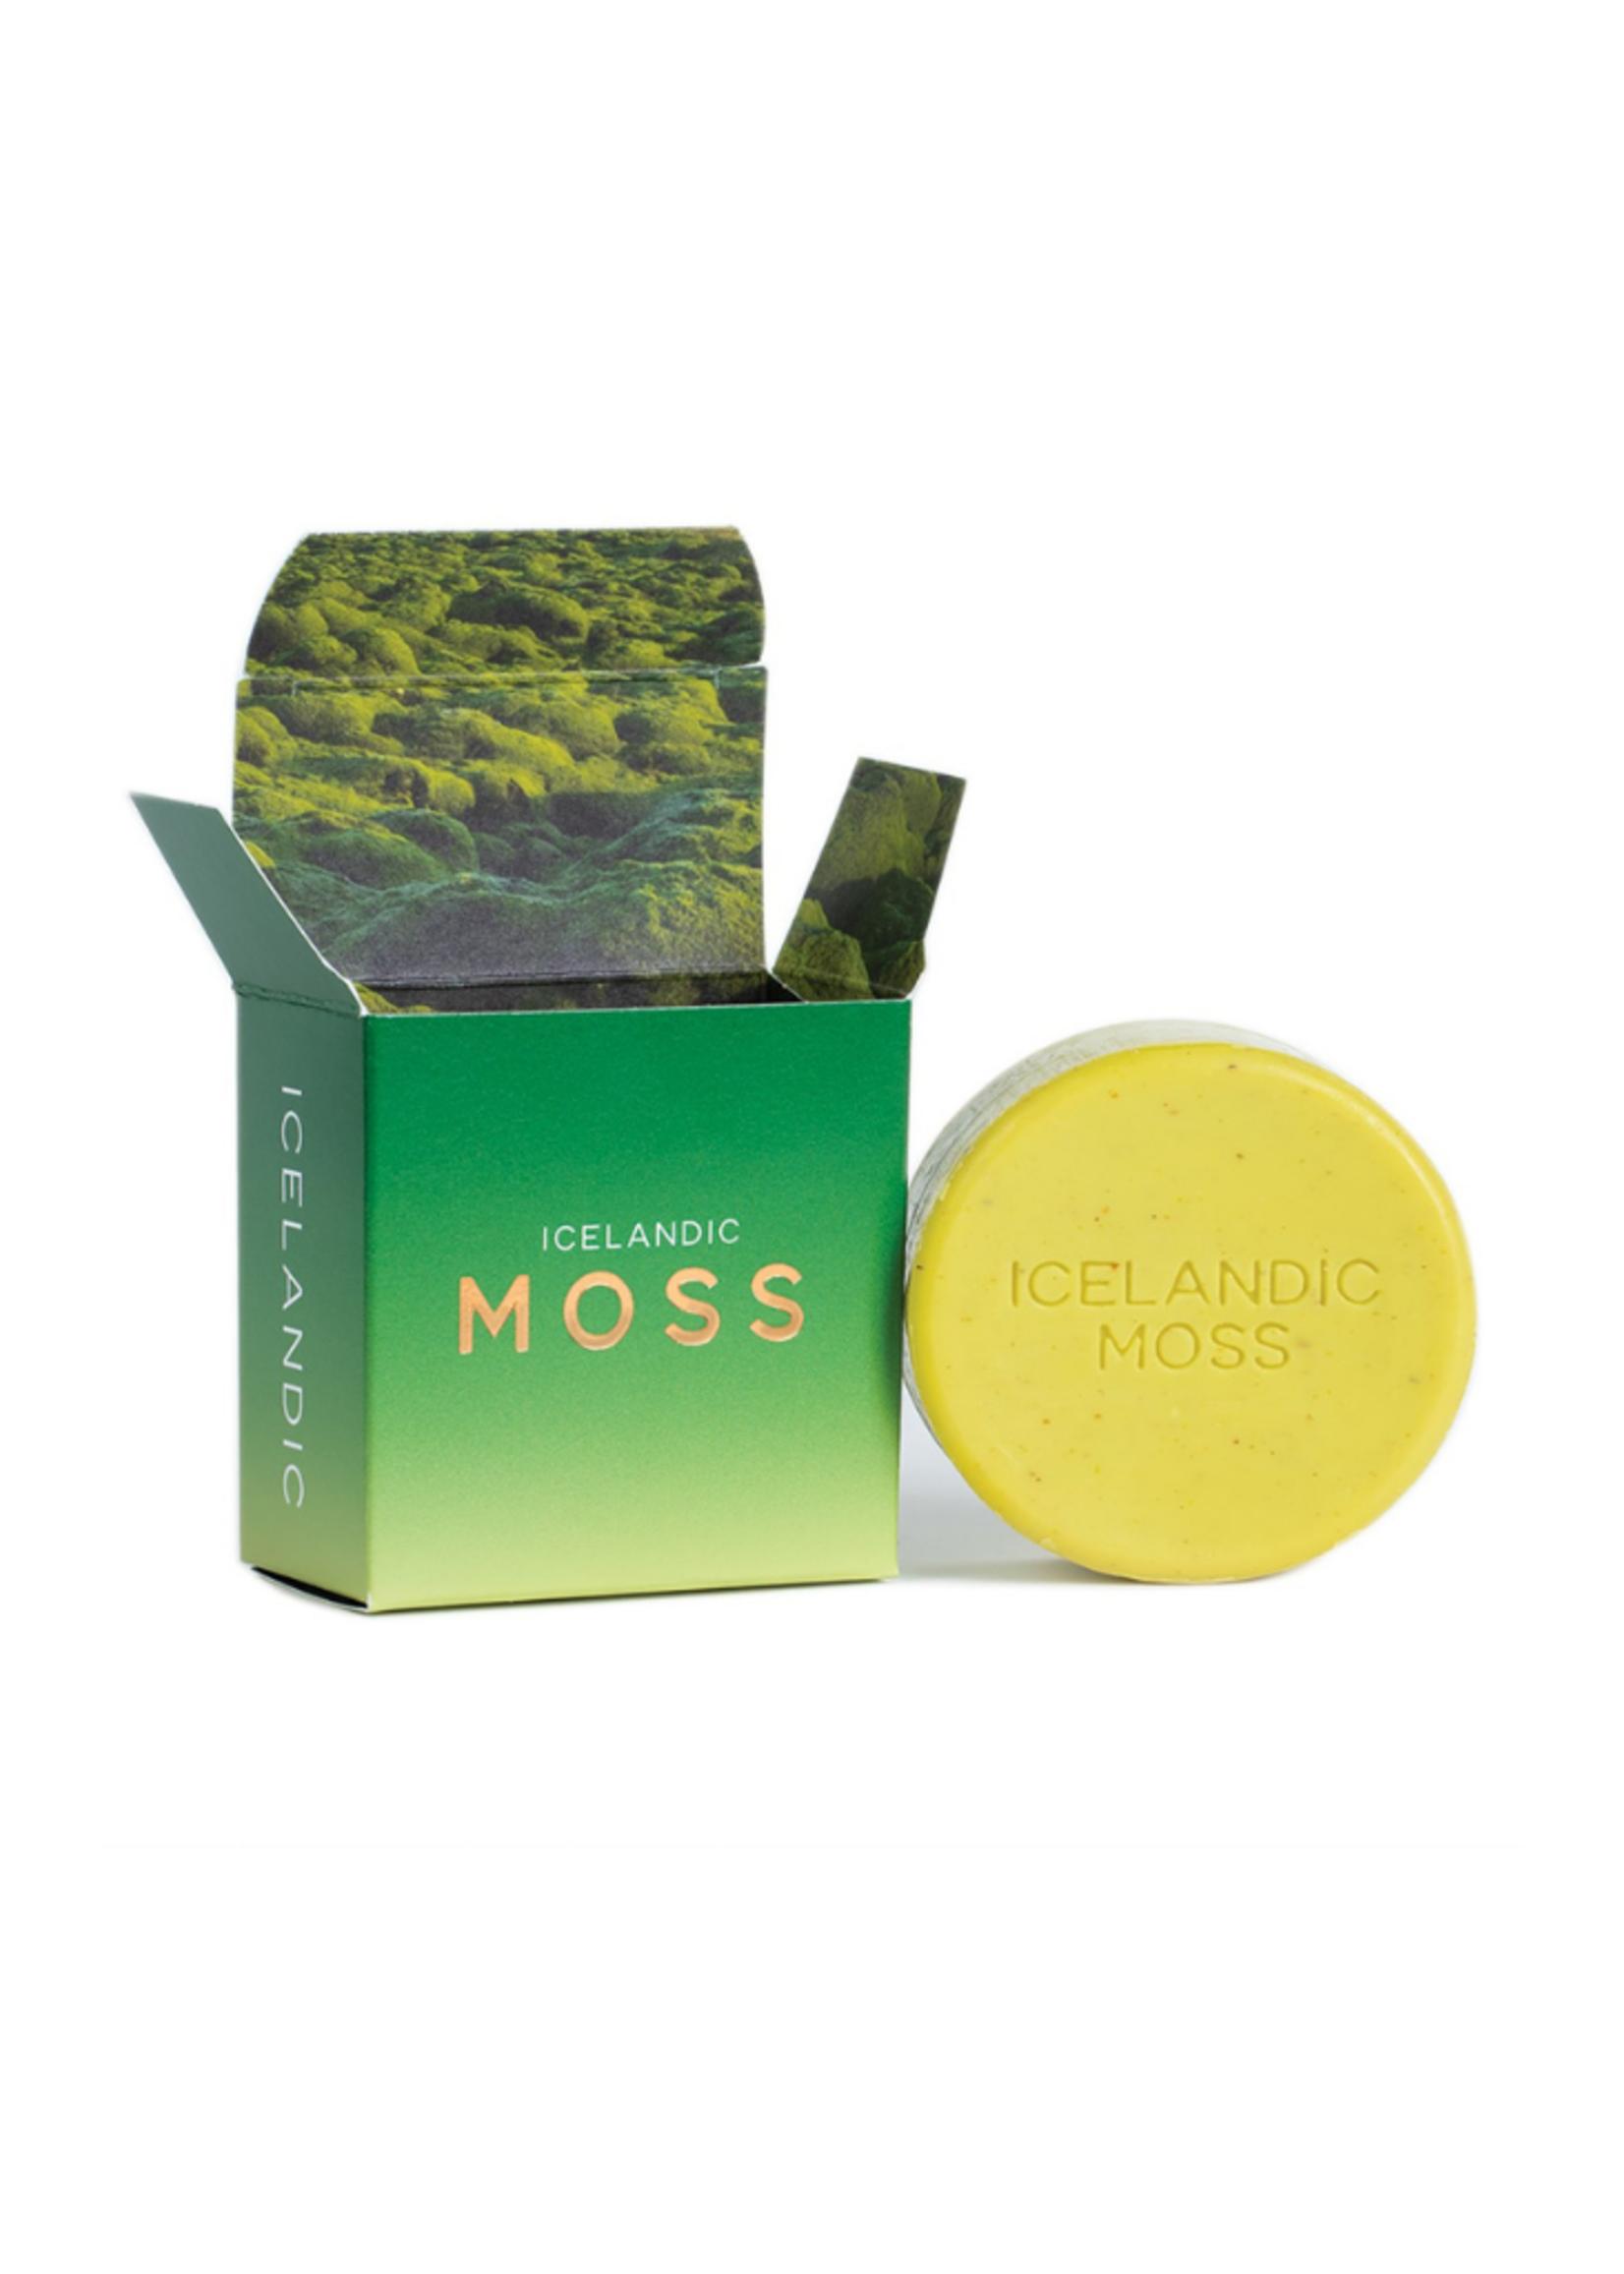 Kala Icelandic Moss Soap